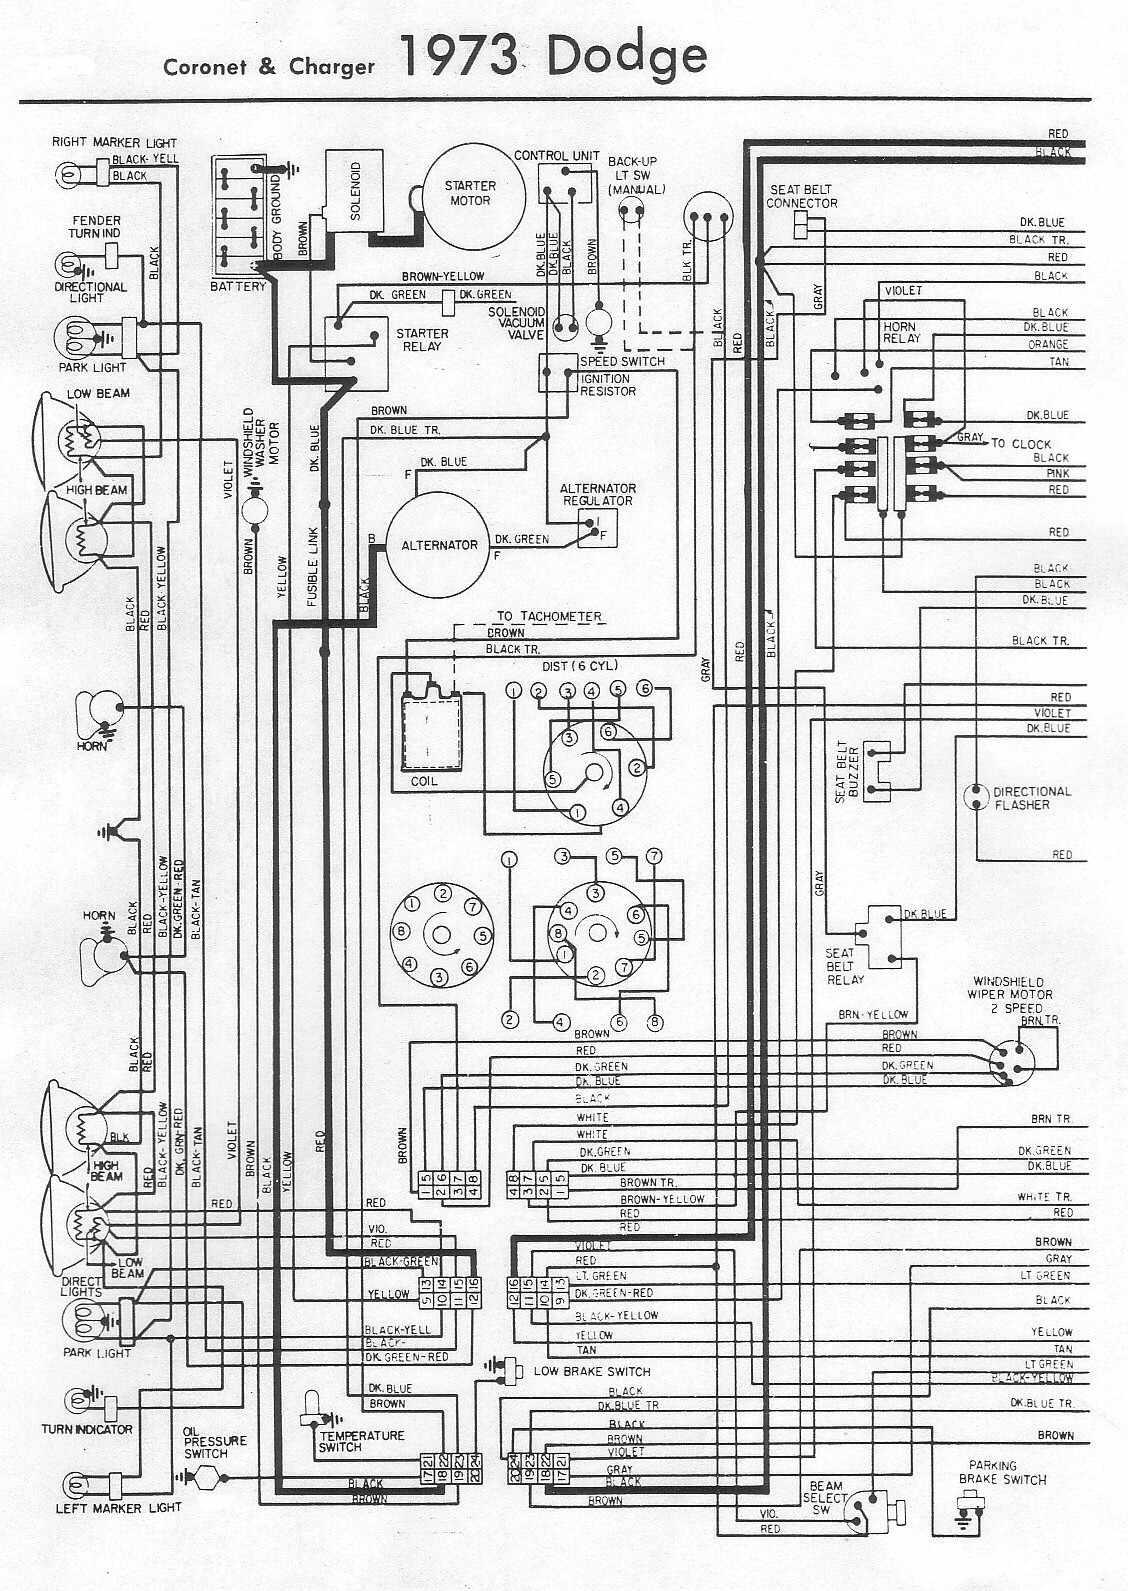 DODGE - Car PDF Manual, Wiring Diagram & Fault Codes DTCCar PDF Manual, Wiring Diagram